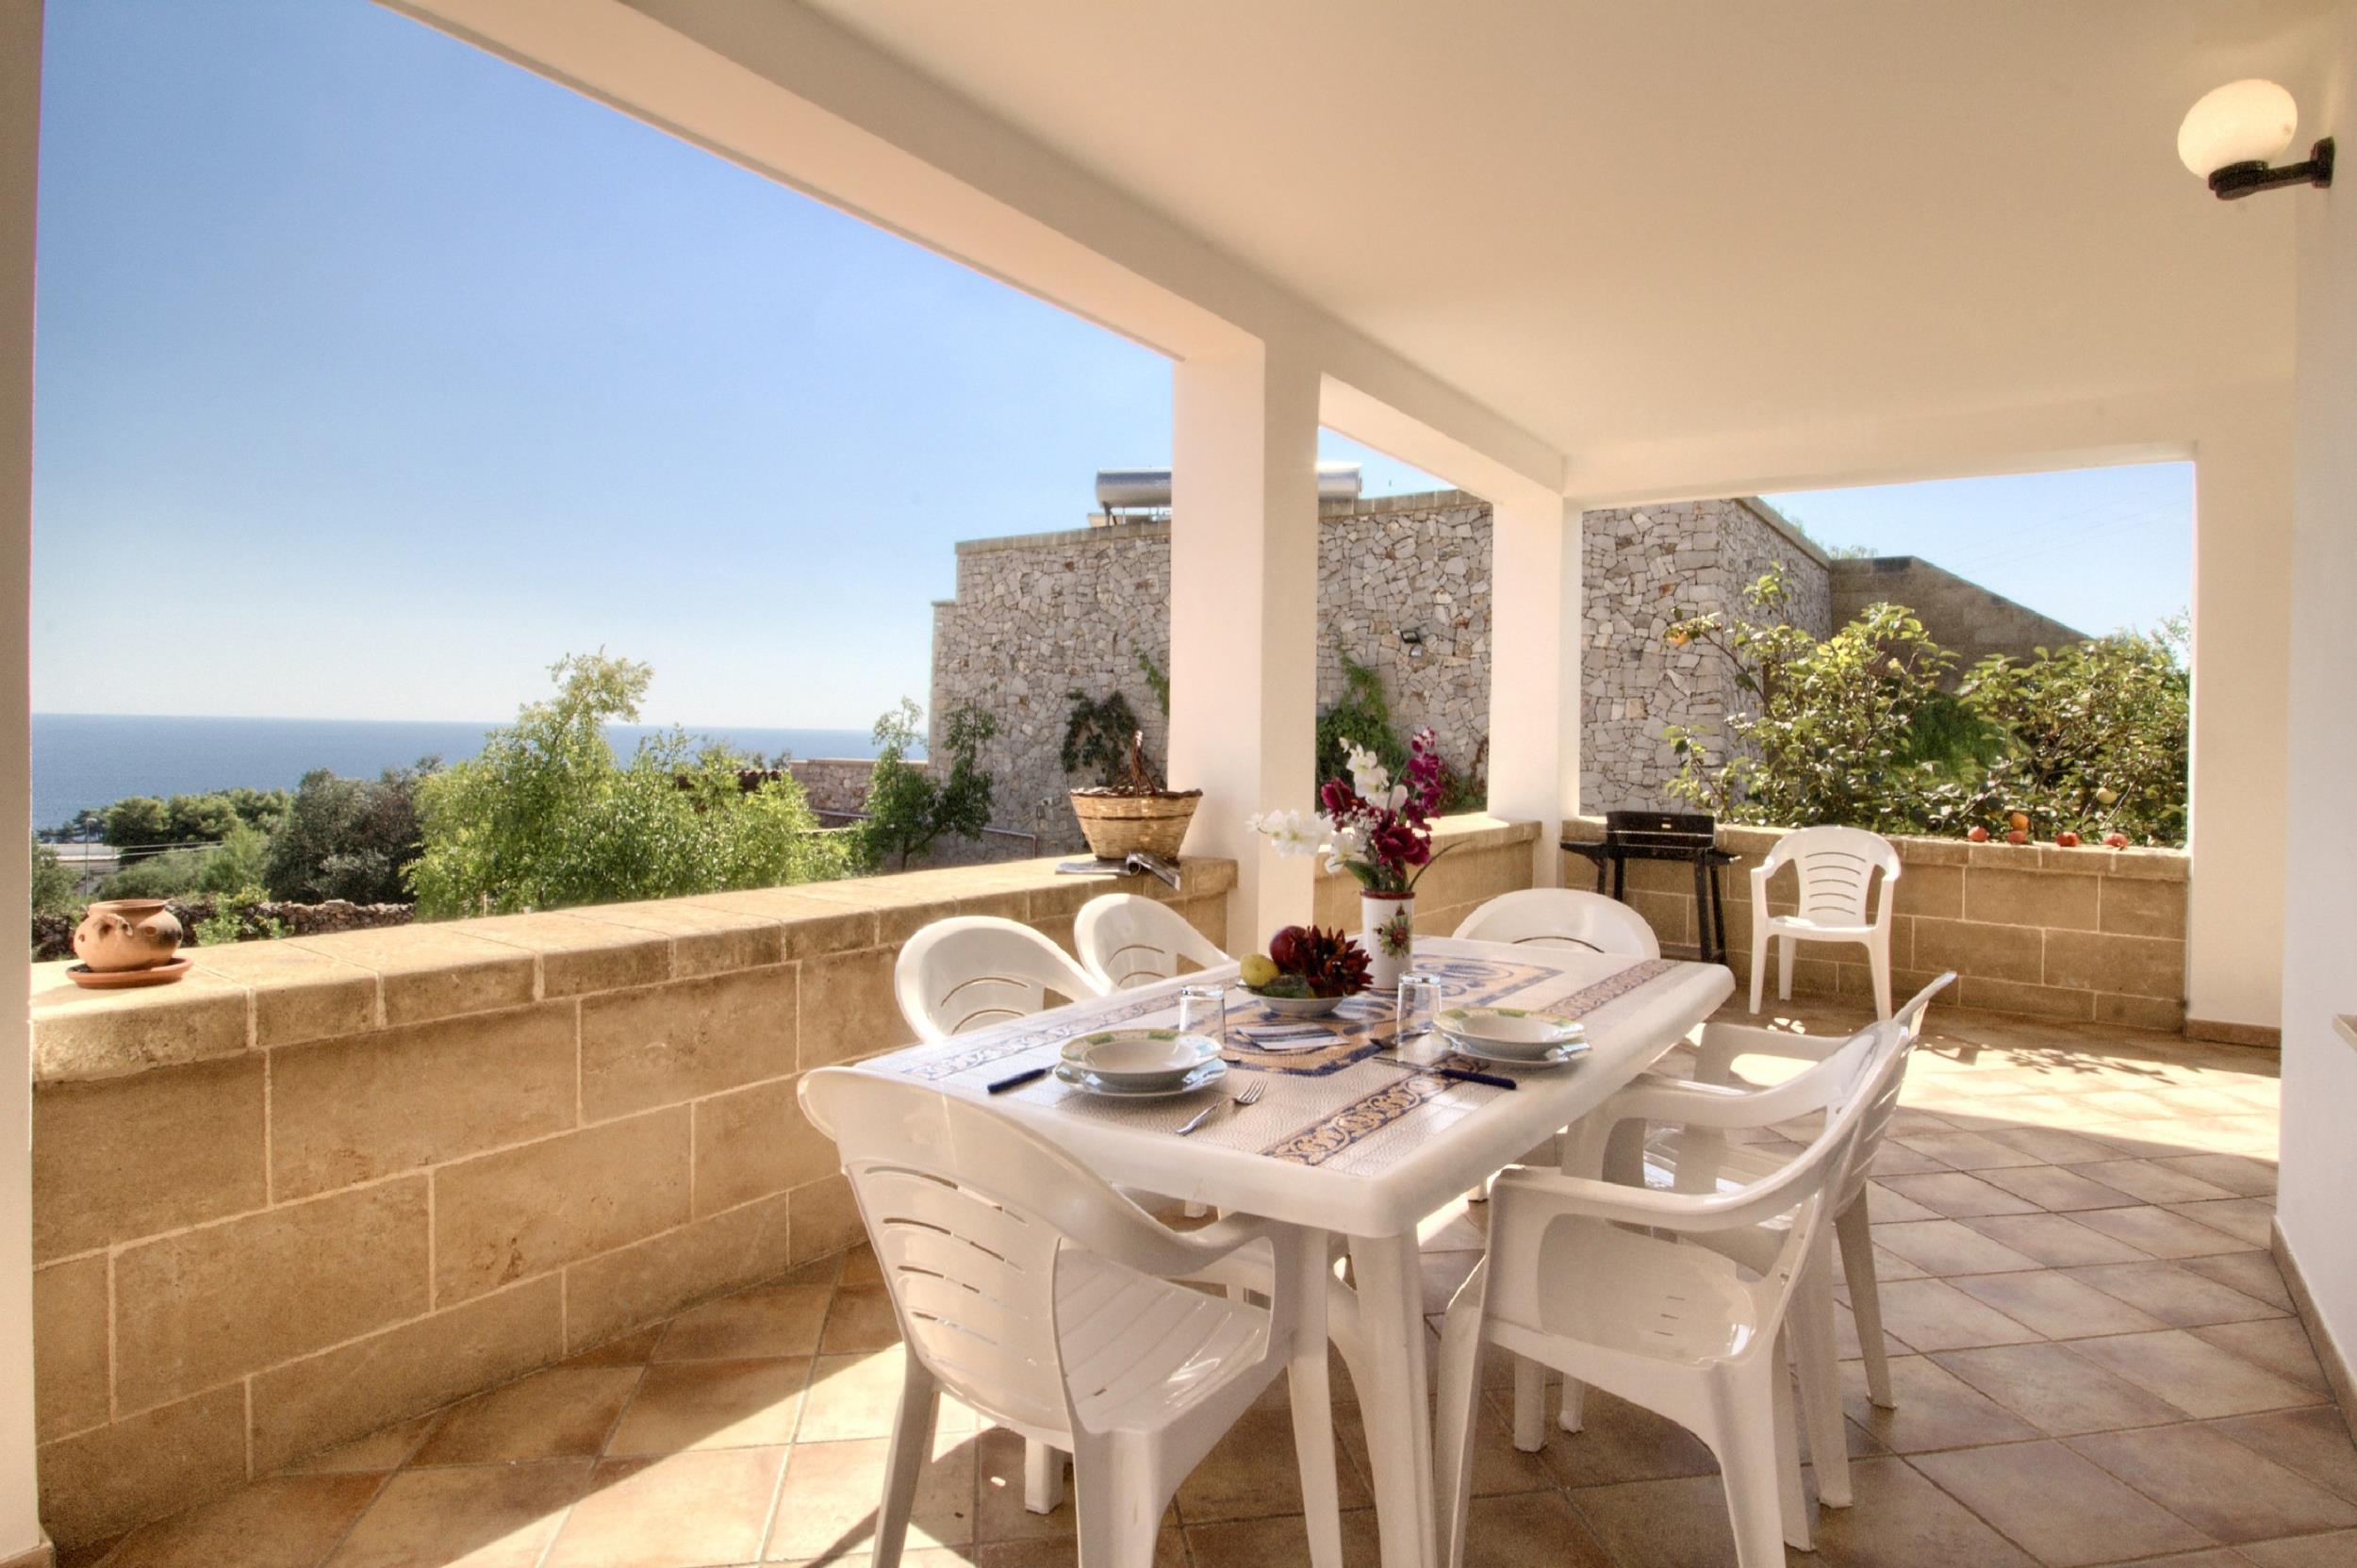 Apartment Corbezzolo vista mare photo 22470855